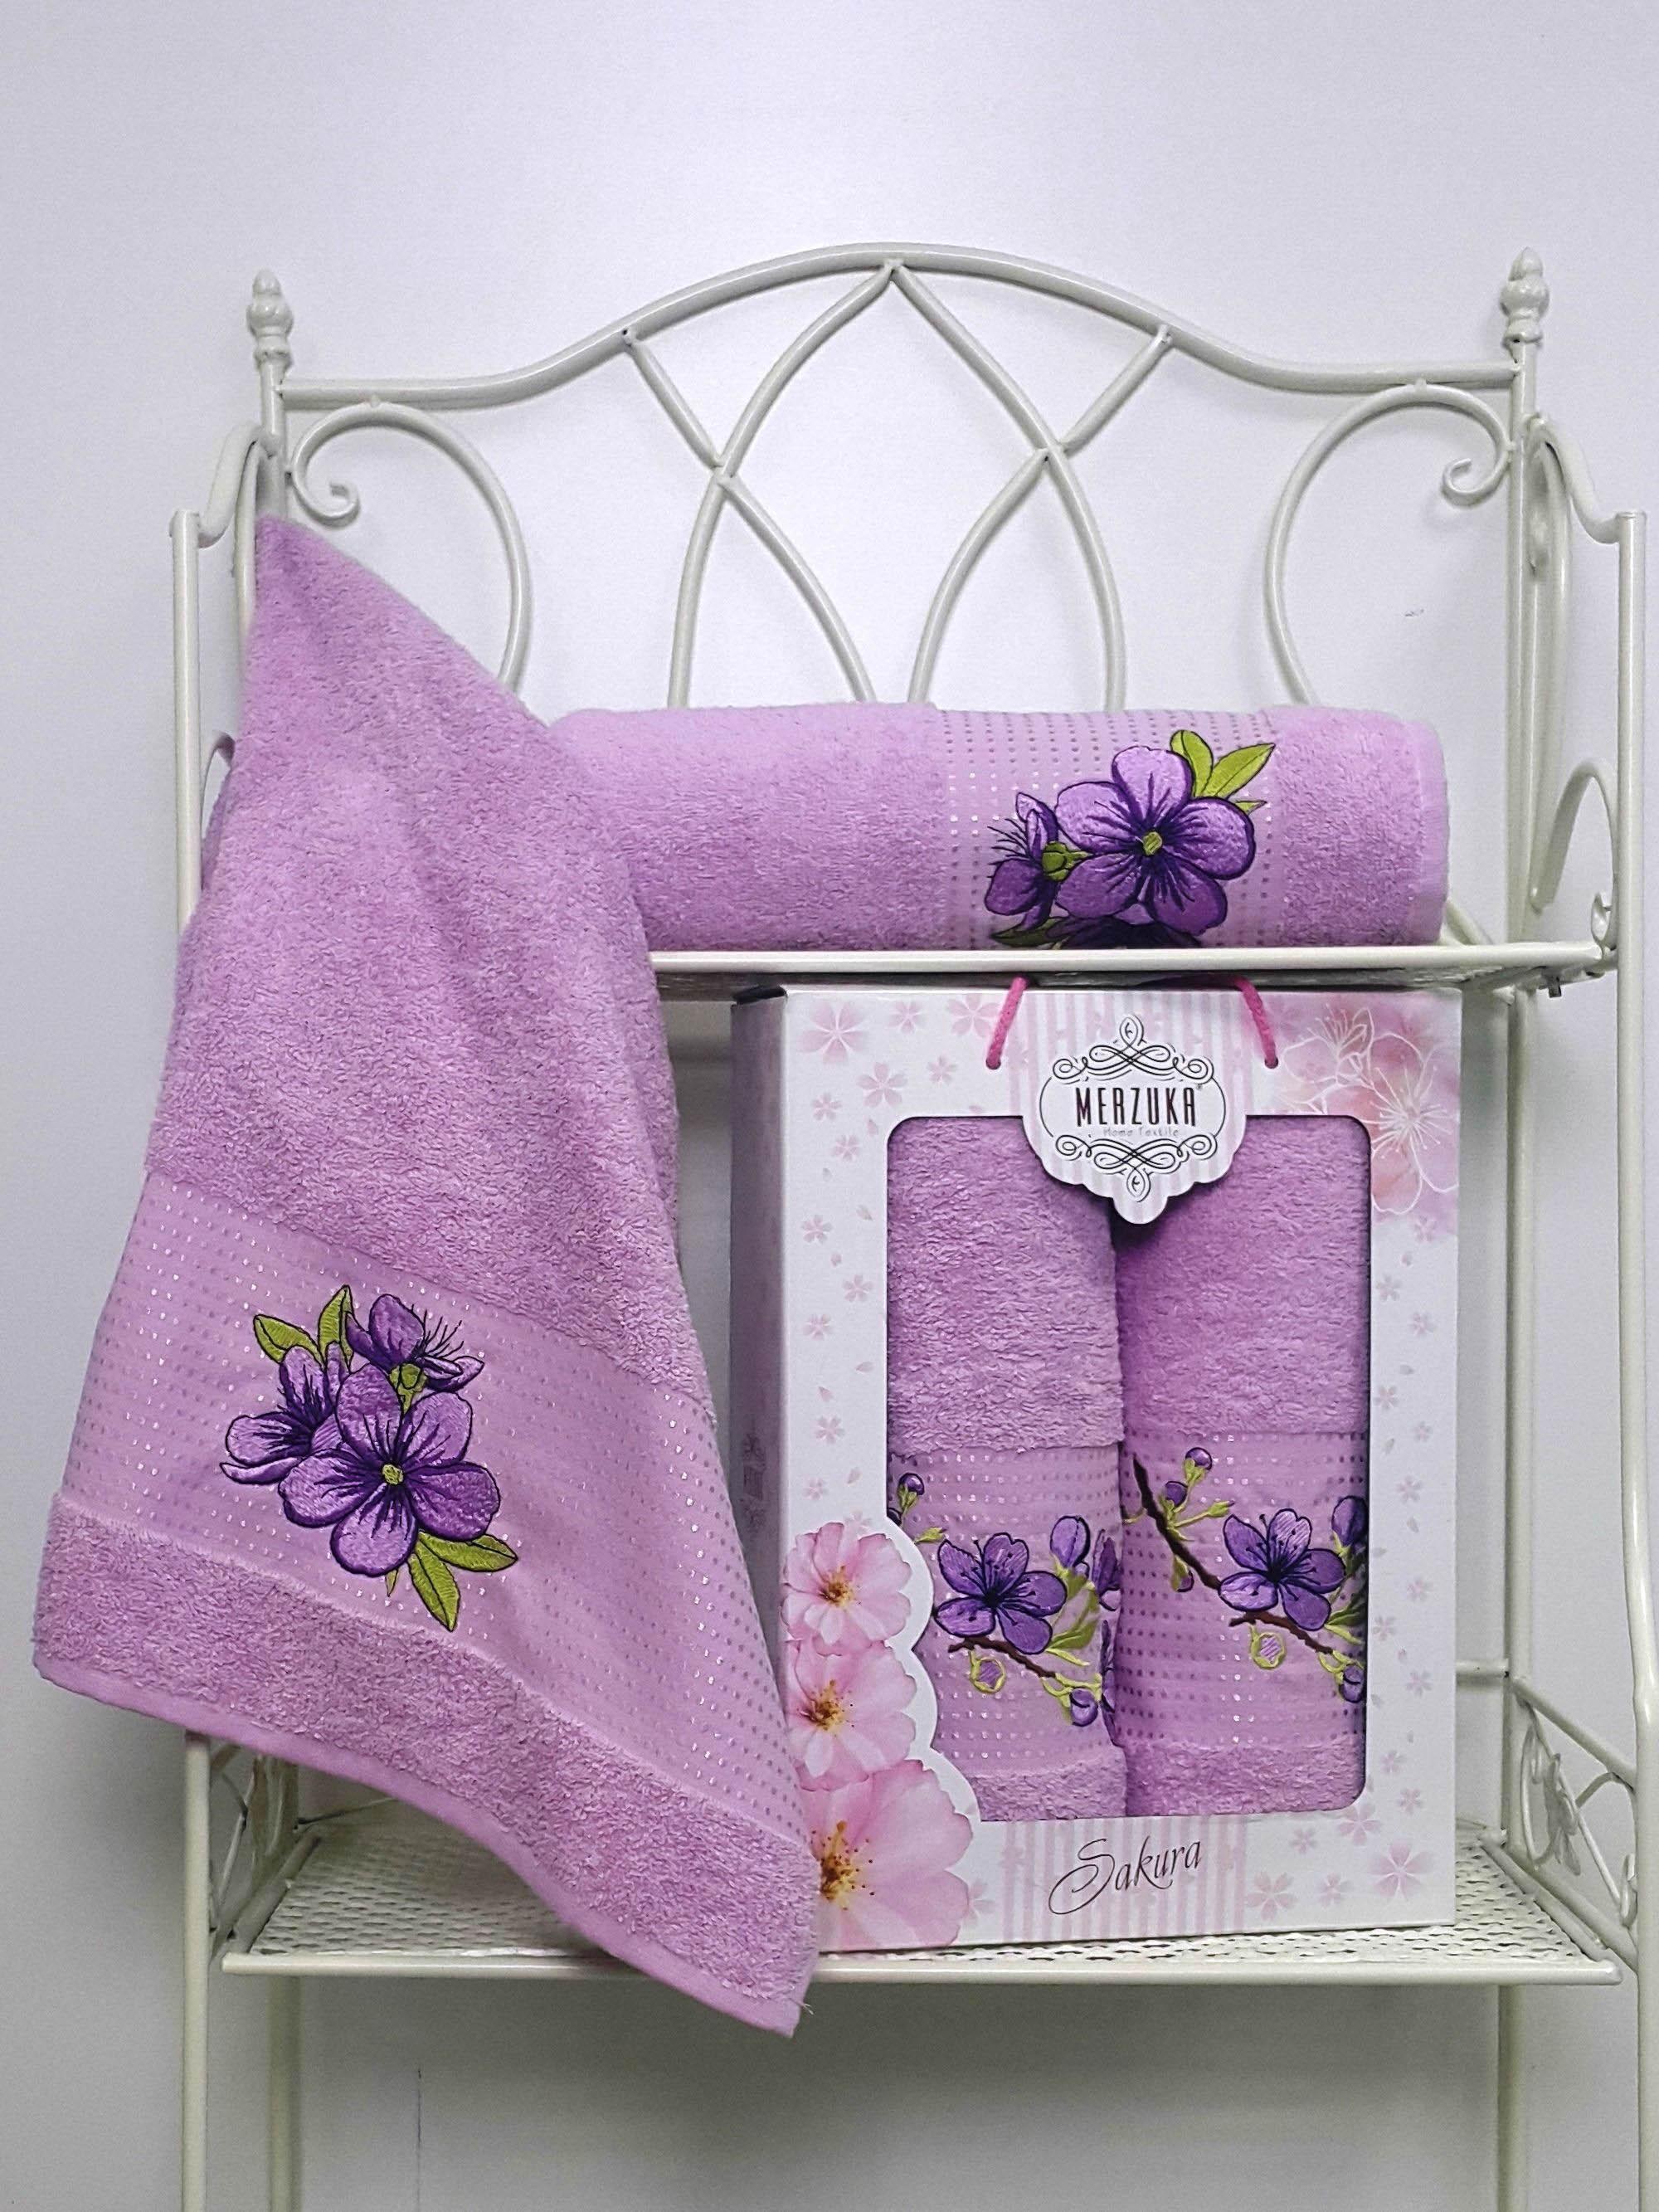 Полотенца Oran Merzuka Полотенце Sakura Цвет: Сиреневый (Набор) набор из 3 полотенец merzuka sakura 50х90 2 70х140 8432 сиреневый